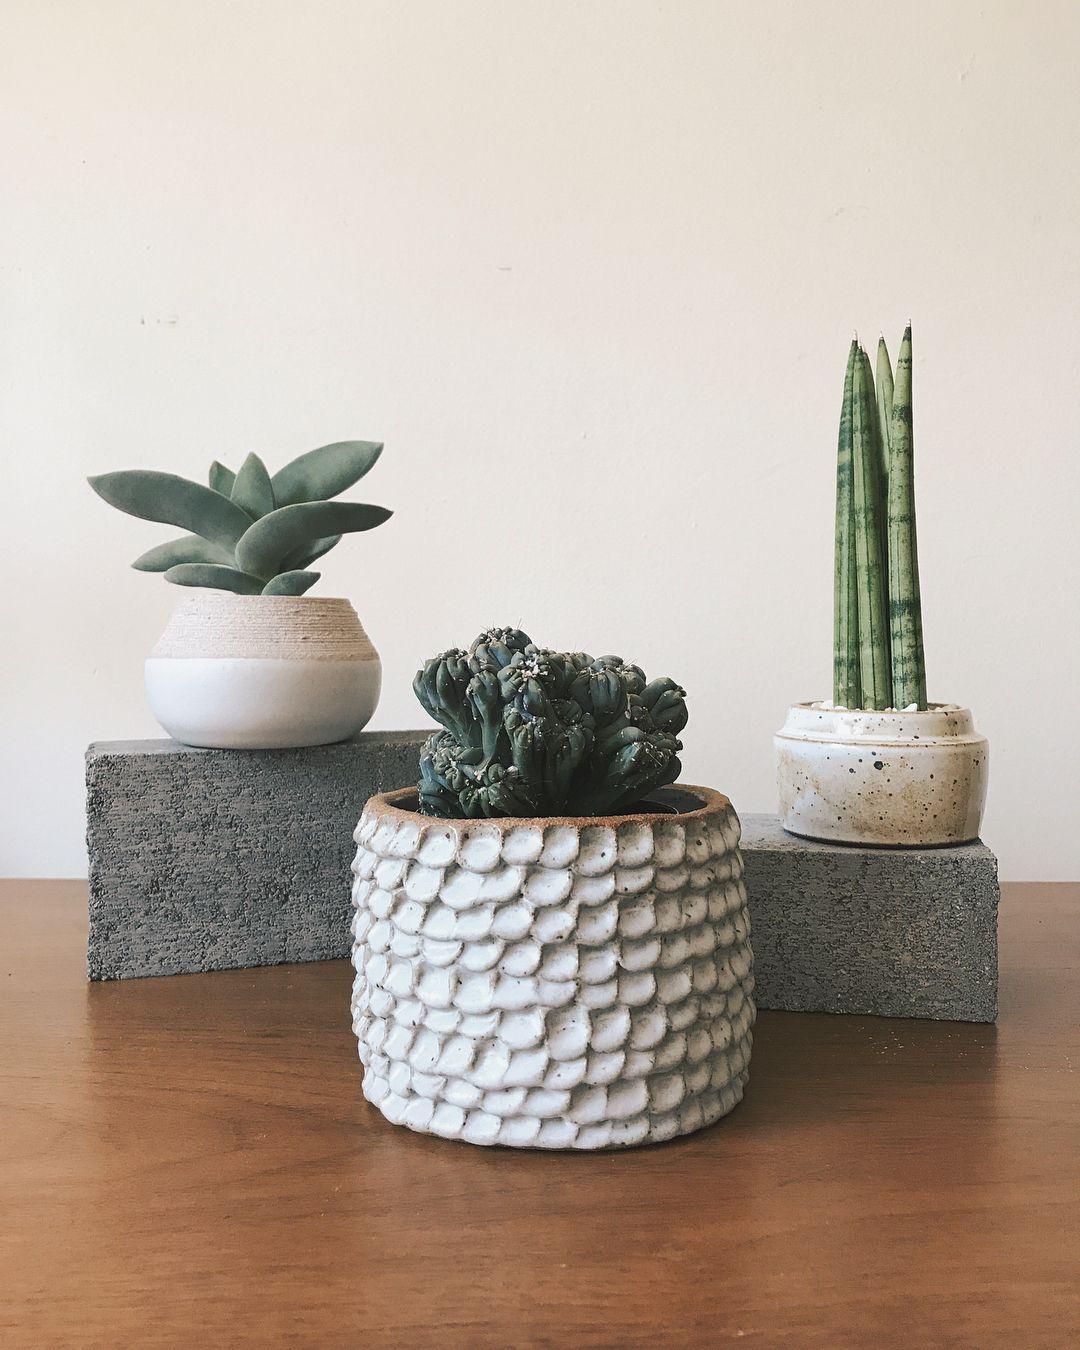 Handmade Ceramic Planters With Sansevieria And Cactus Plants Gina Zycher Ginazycher Com Handmade Ceramic Planters Handmade Clay Pots Ceramic Flower Pots